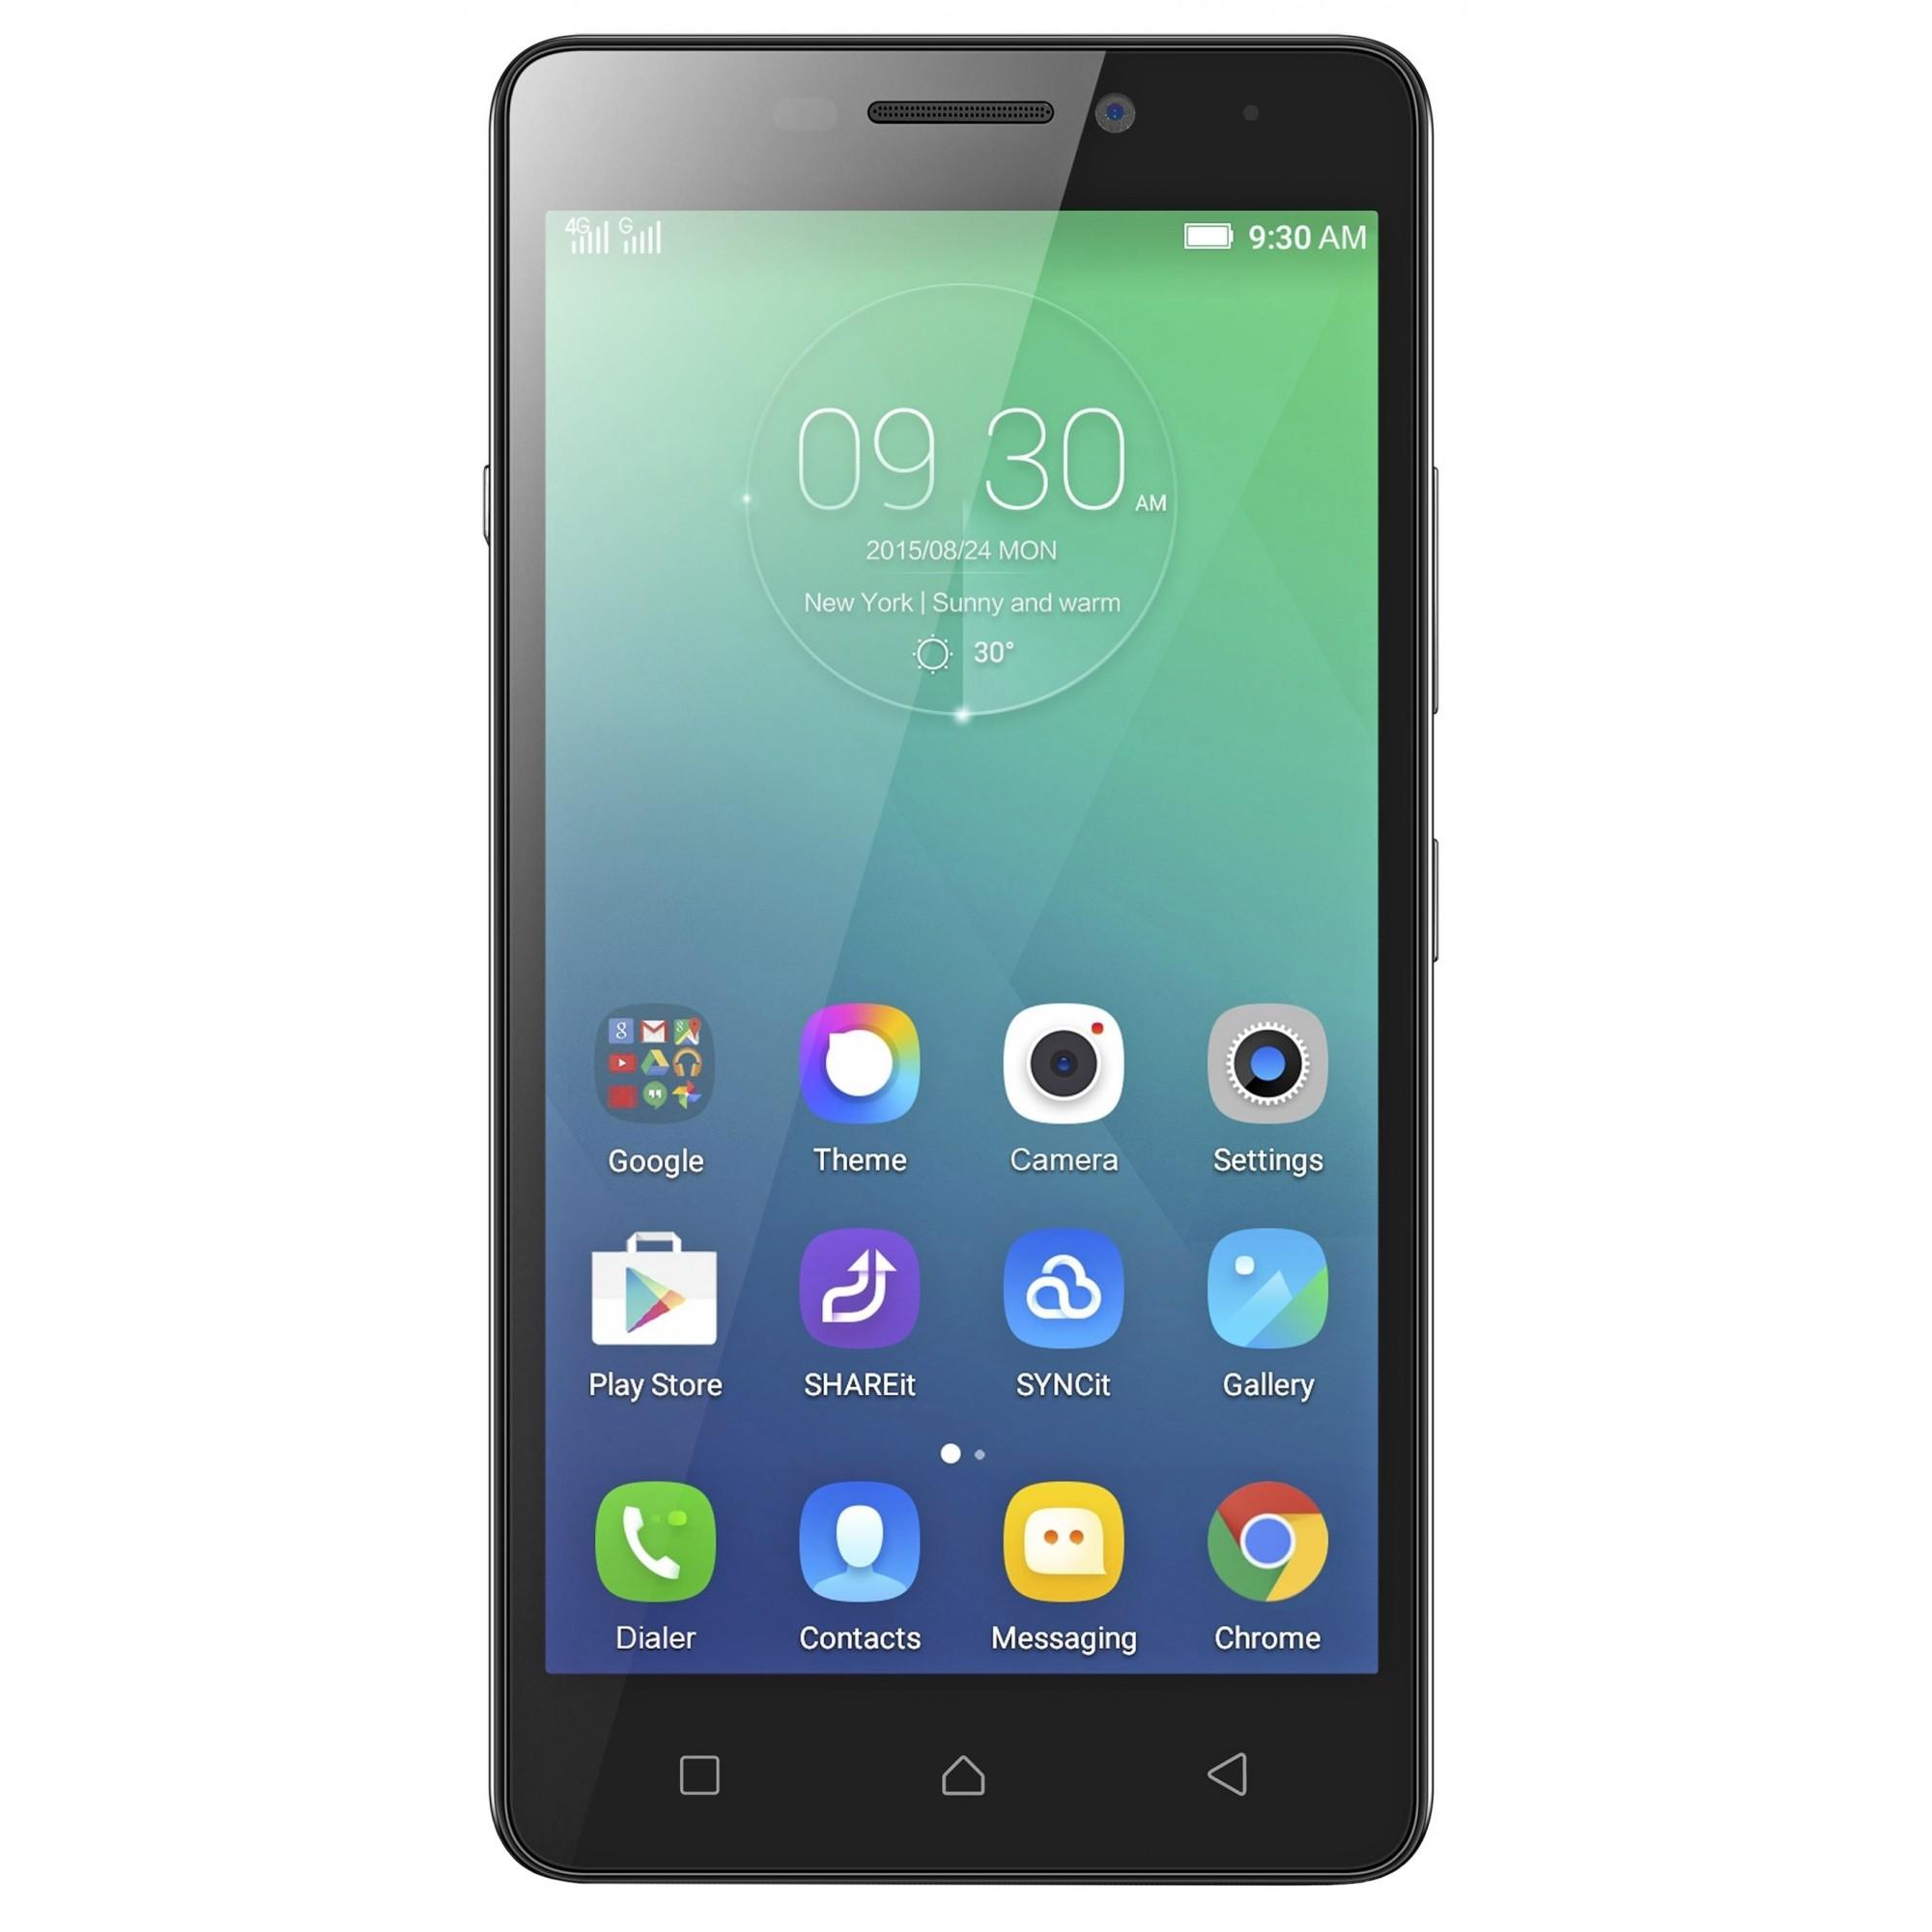 Внешний вид смартфона Lenovo Vibe P1m